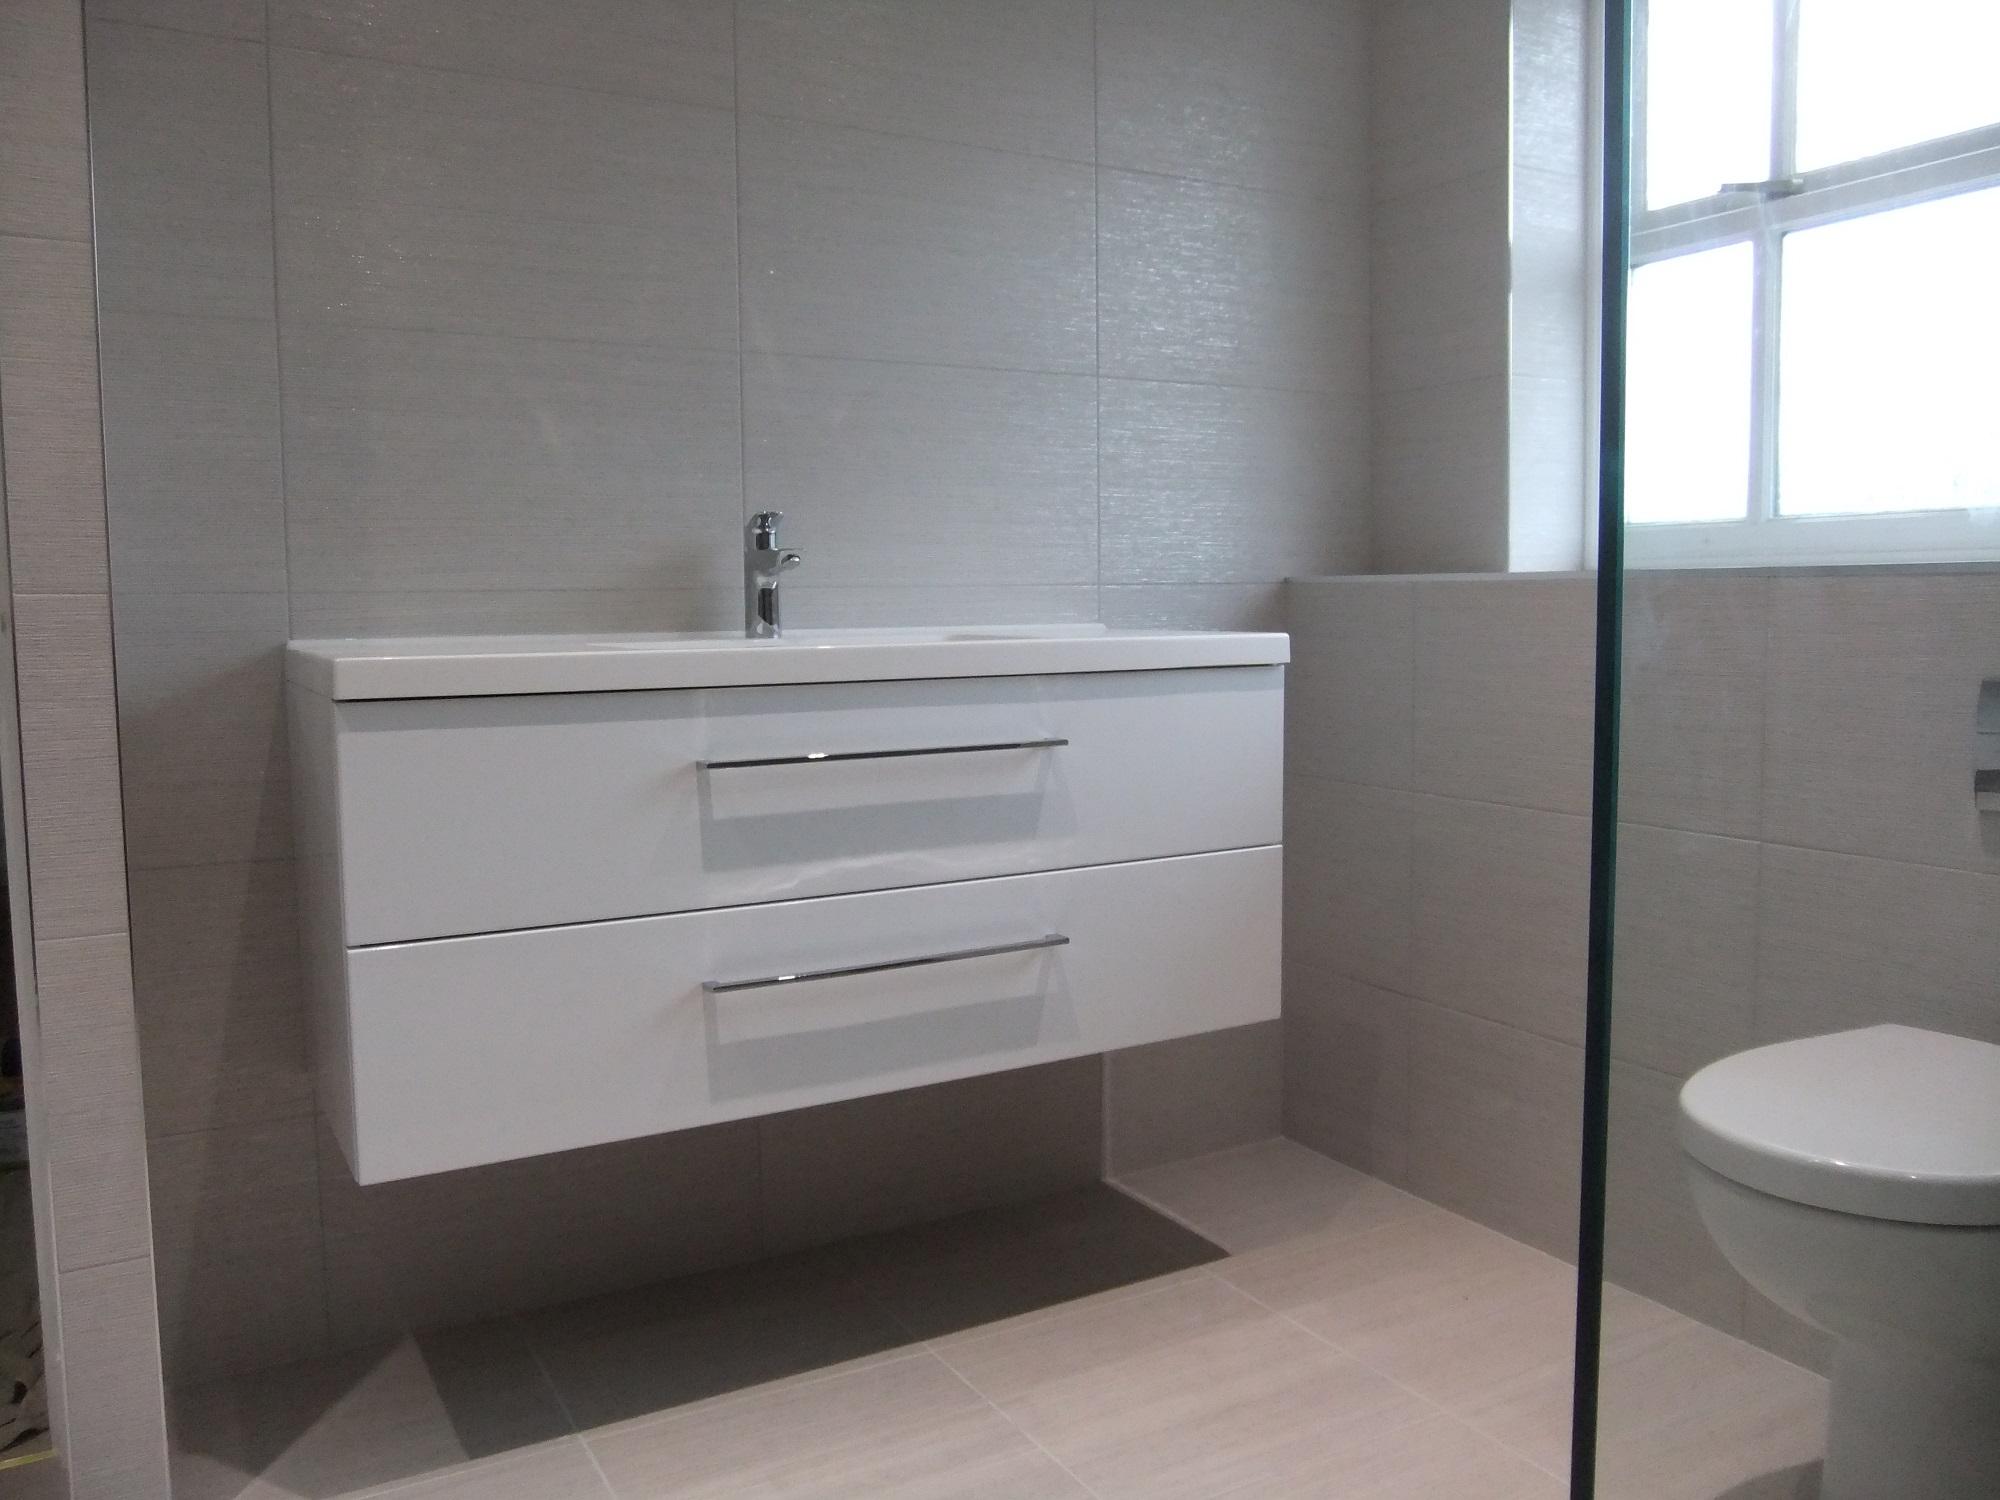 Ikea bathroom cabinets ireland bathroom bathroom foxy for Bathroom cabinets ireland